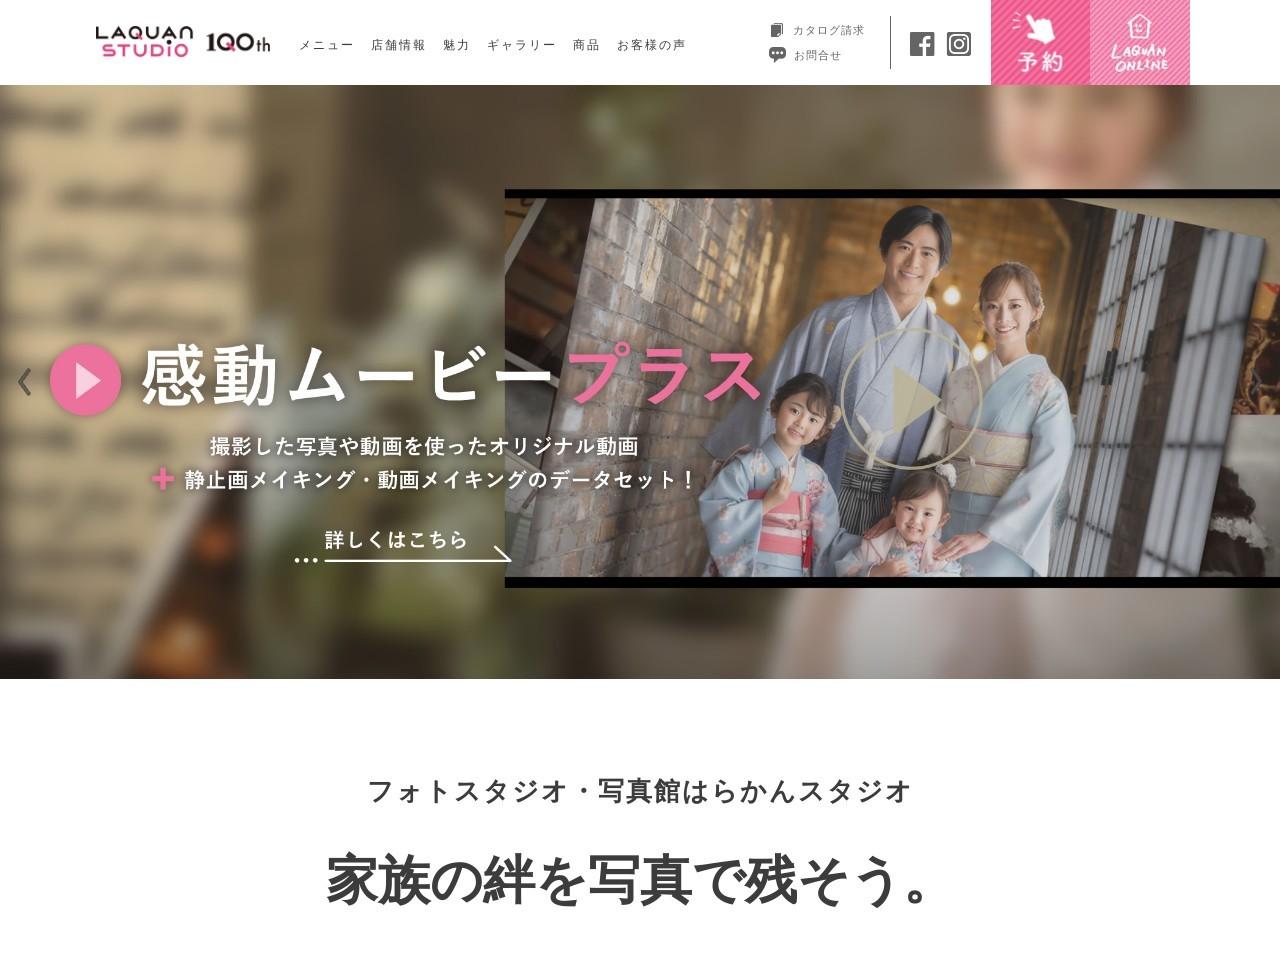 らかんスタジオ小金井店